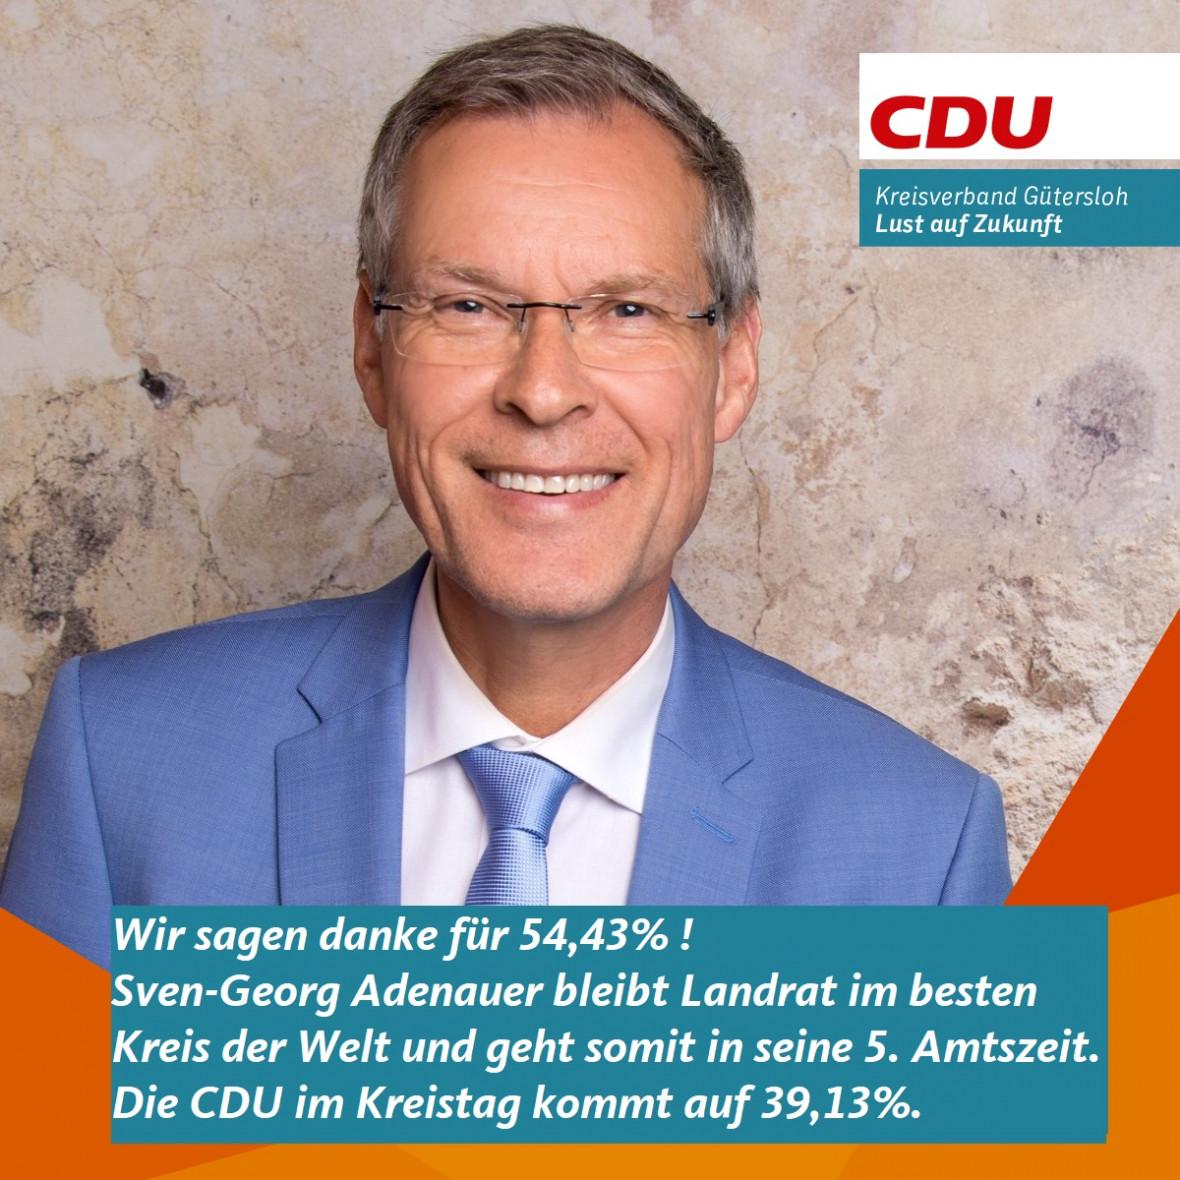 Adenauer im ersten Wahlgang gewählt